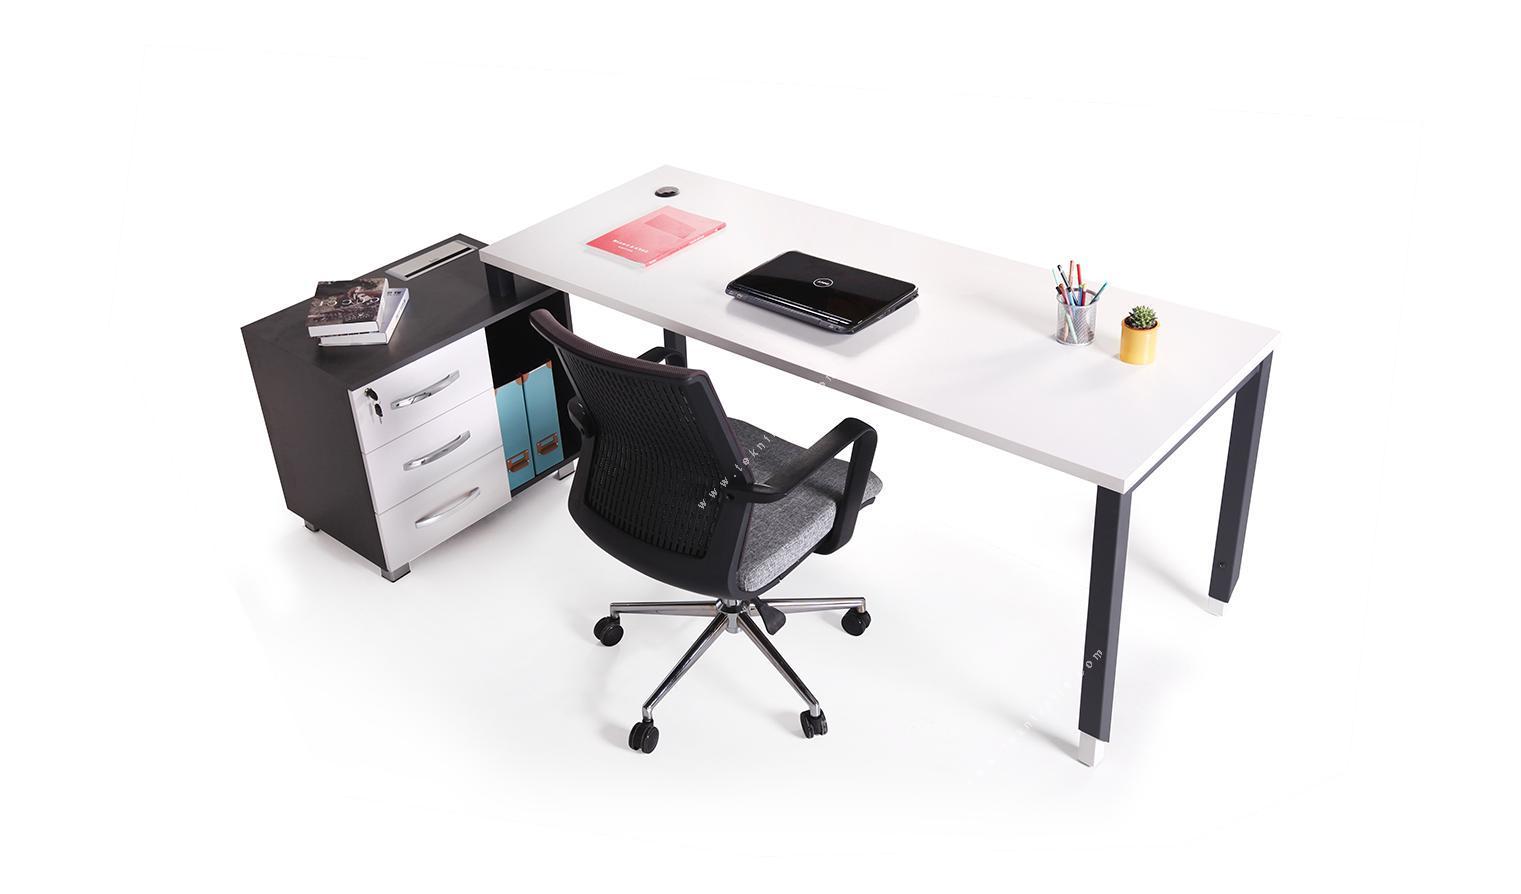 aveon küçük etajerli çalışma masası 200cm